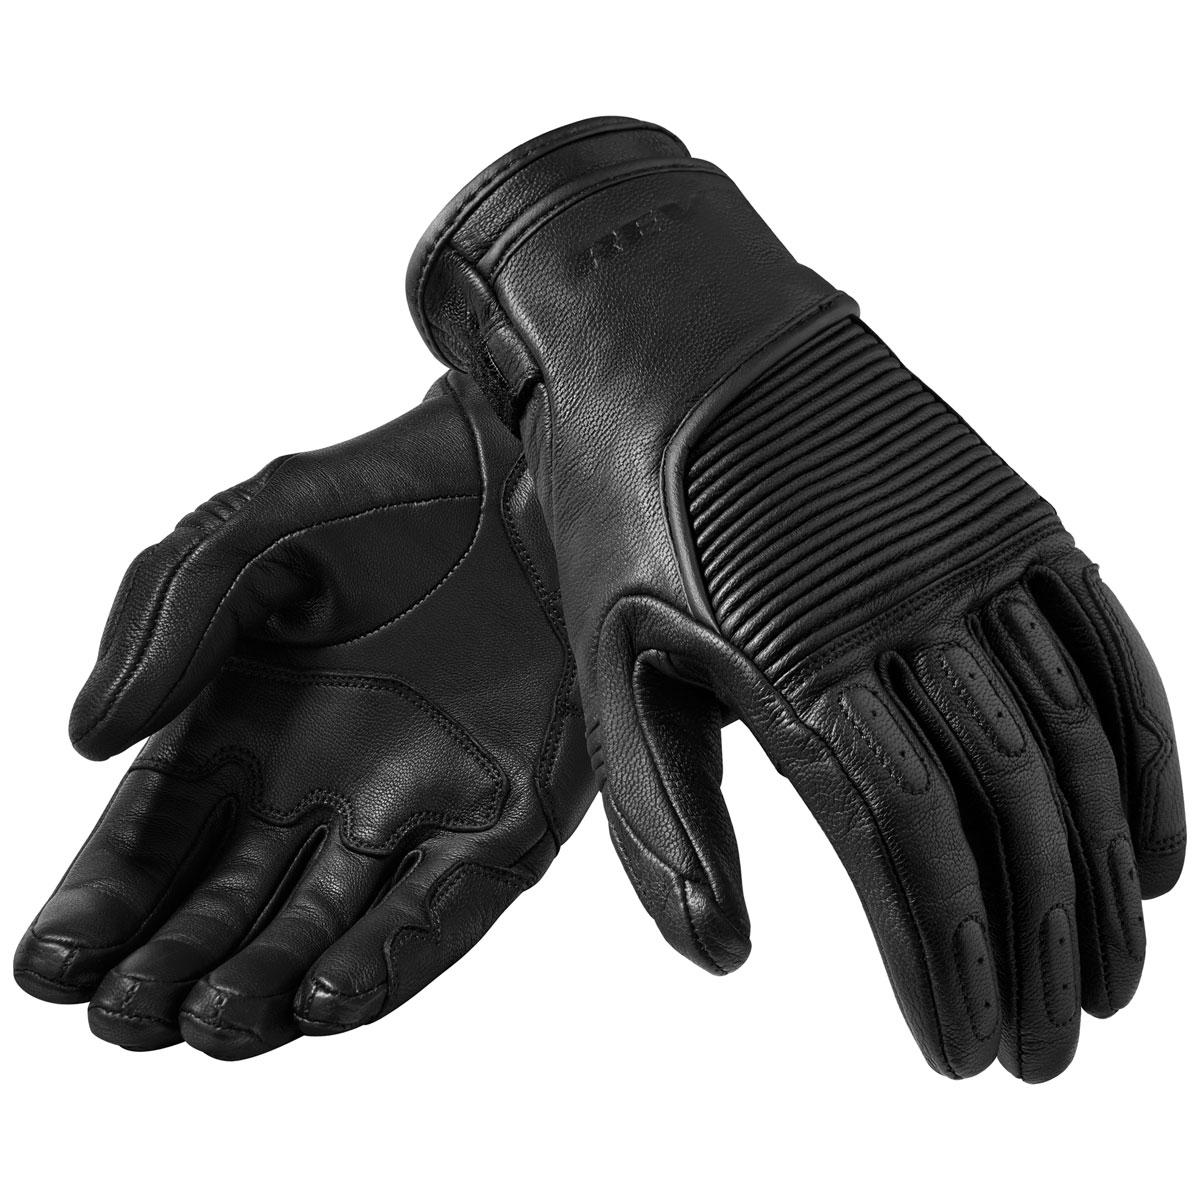 REV'IT! Women's Bastille Black Leather Gloves